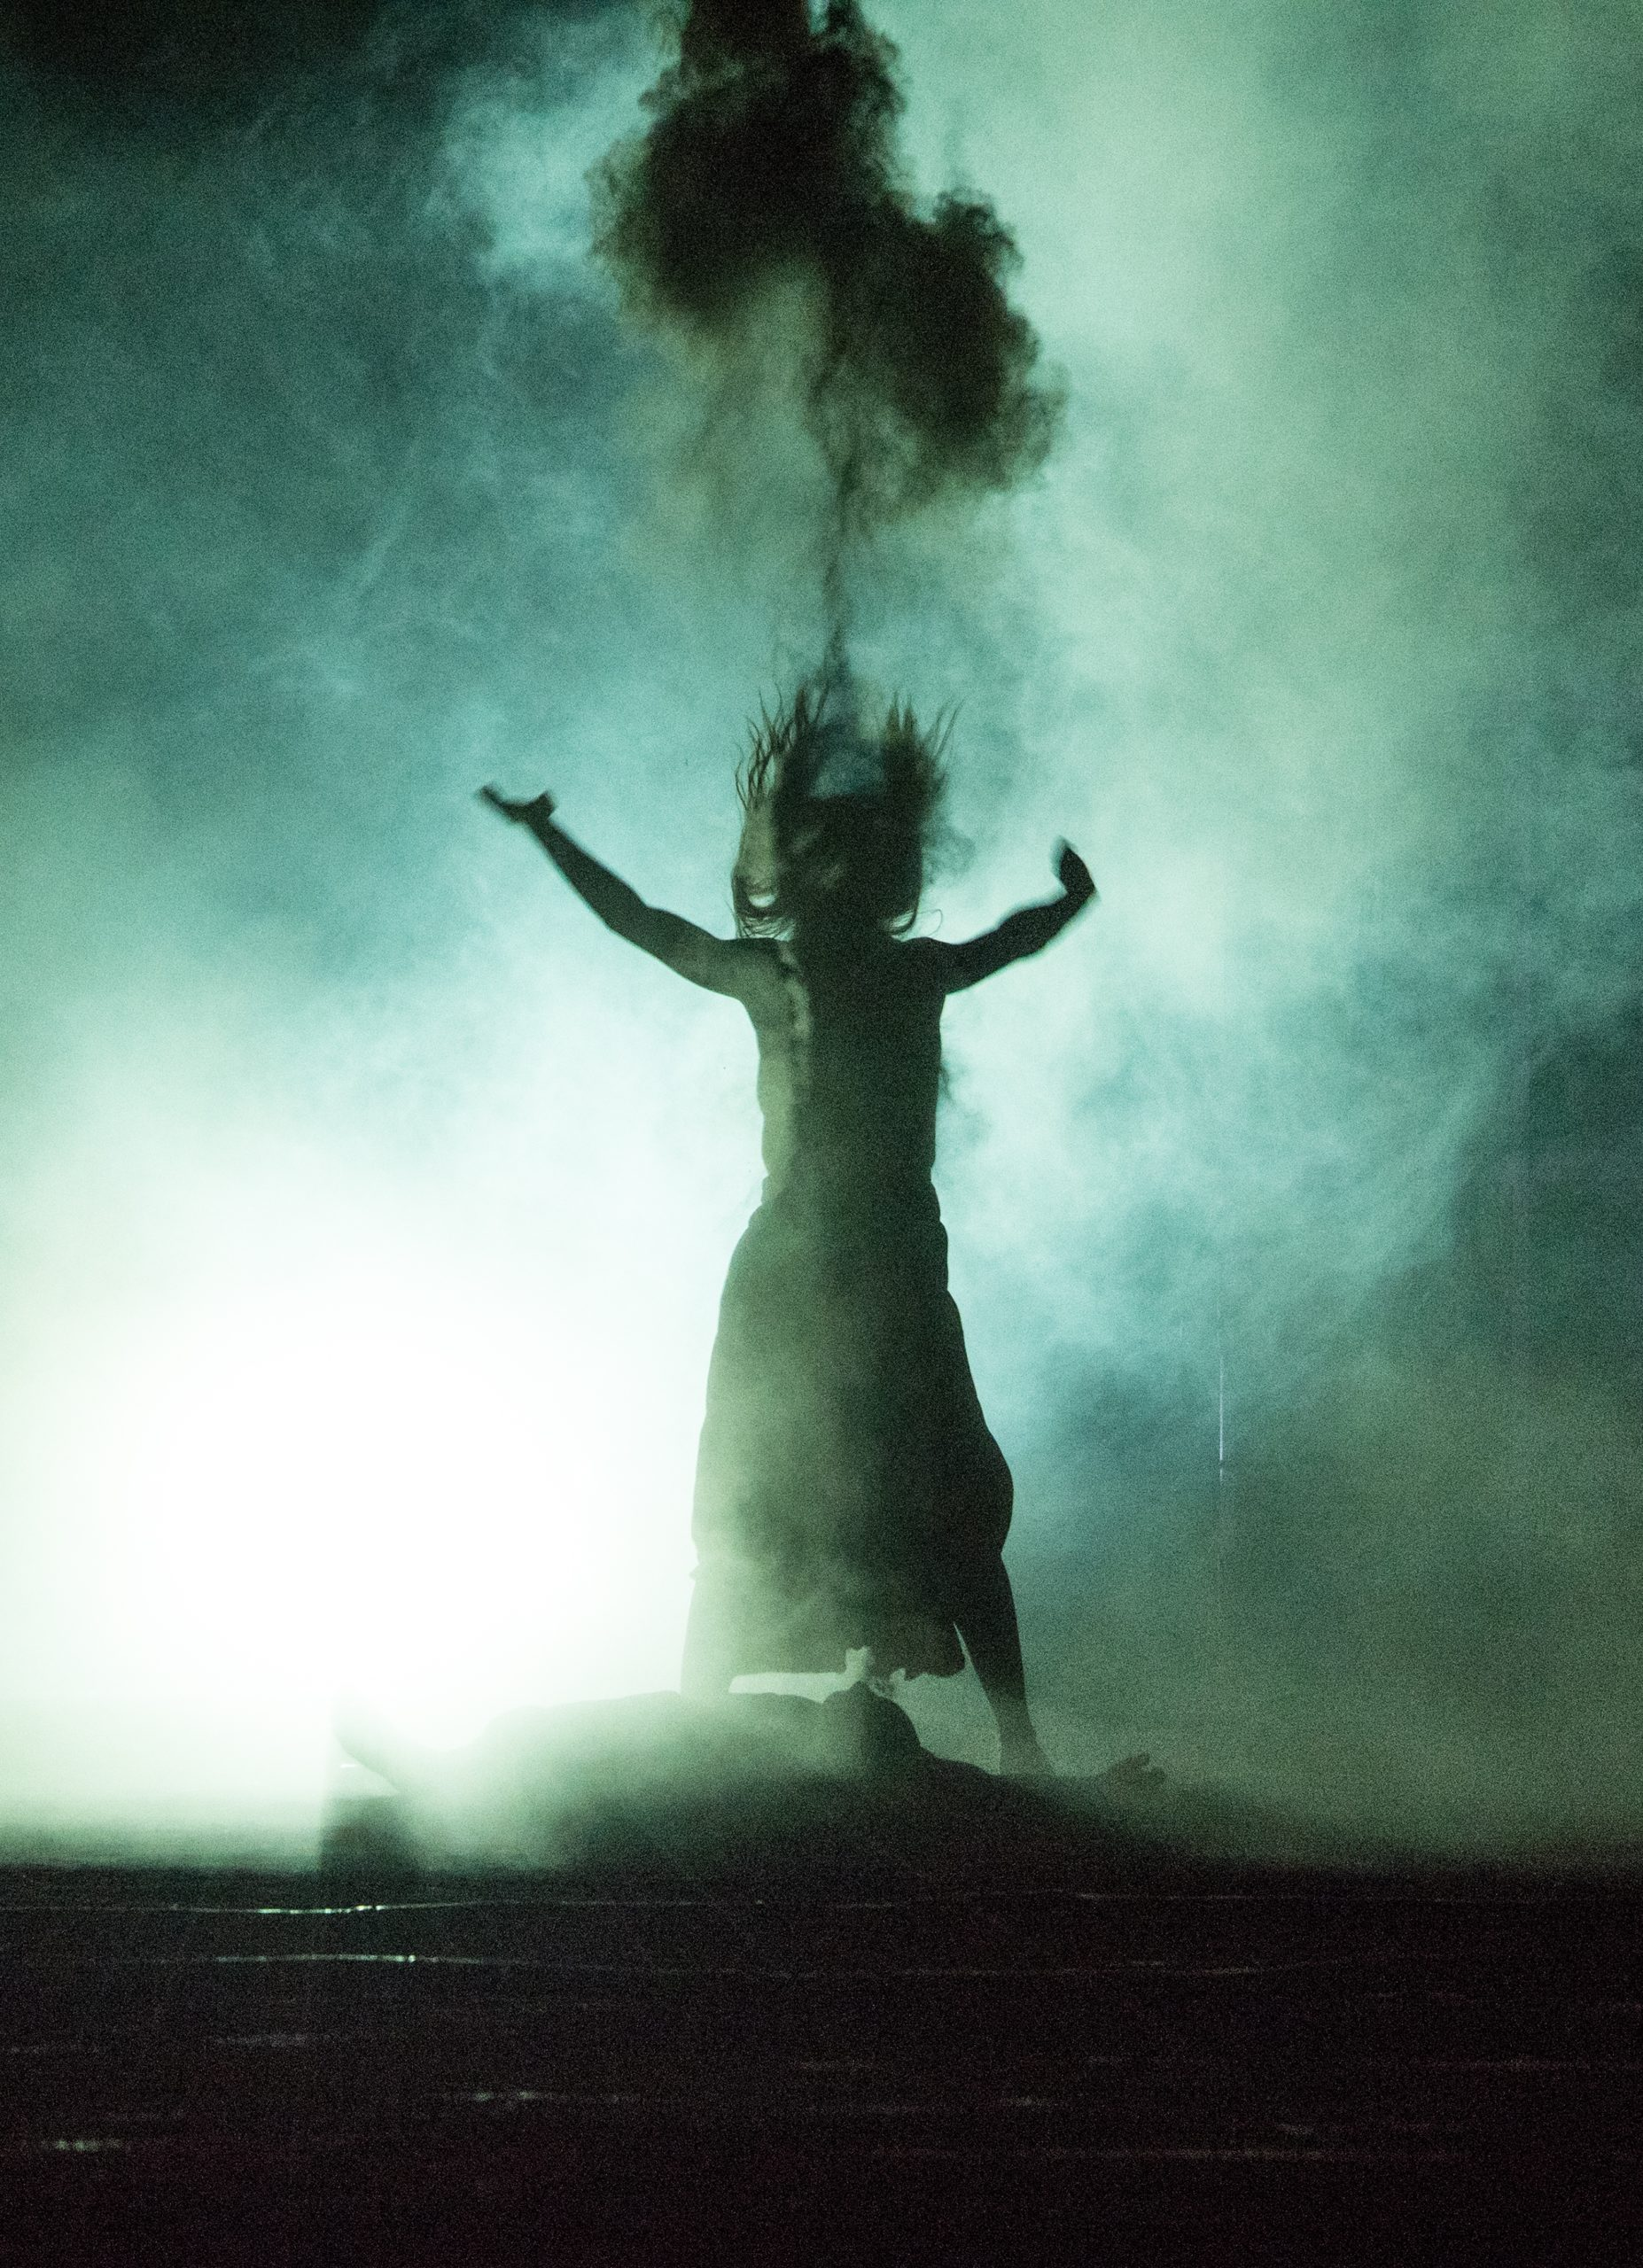 آنتیگونه در حال دفن پولینیکس خاکستر بههوا میپاشد؛ آن شوارتز در نقش آنتیگونه به کارگردانی جت اشتکل (برگتیهتر، وین، ۲۰۱۵)